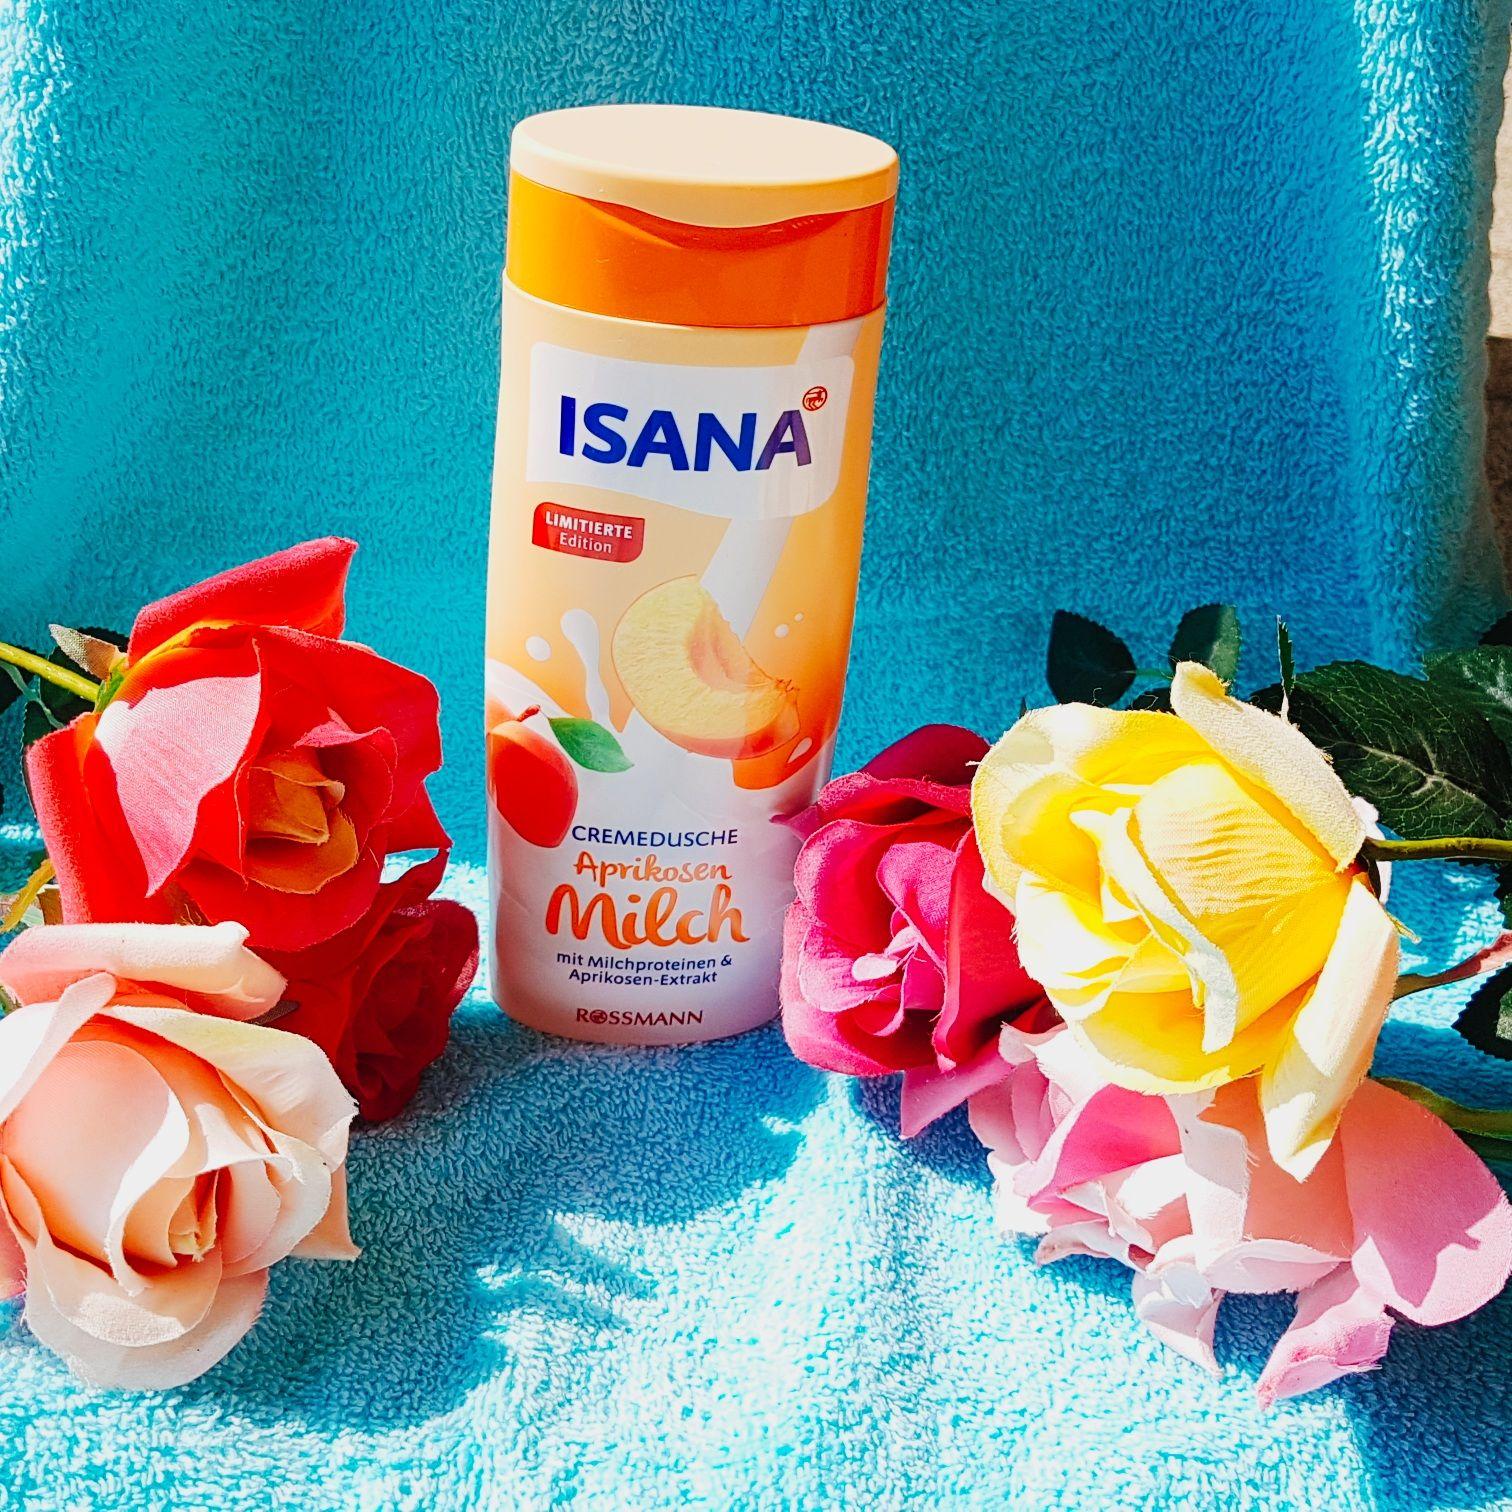 Isana Cremedusche Aprikosenmilch mit Milchproteinen & Aprikosen- Extrakt